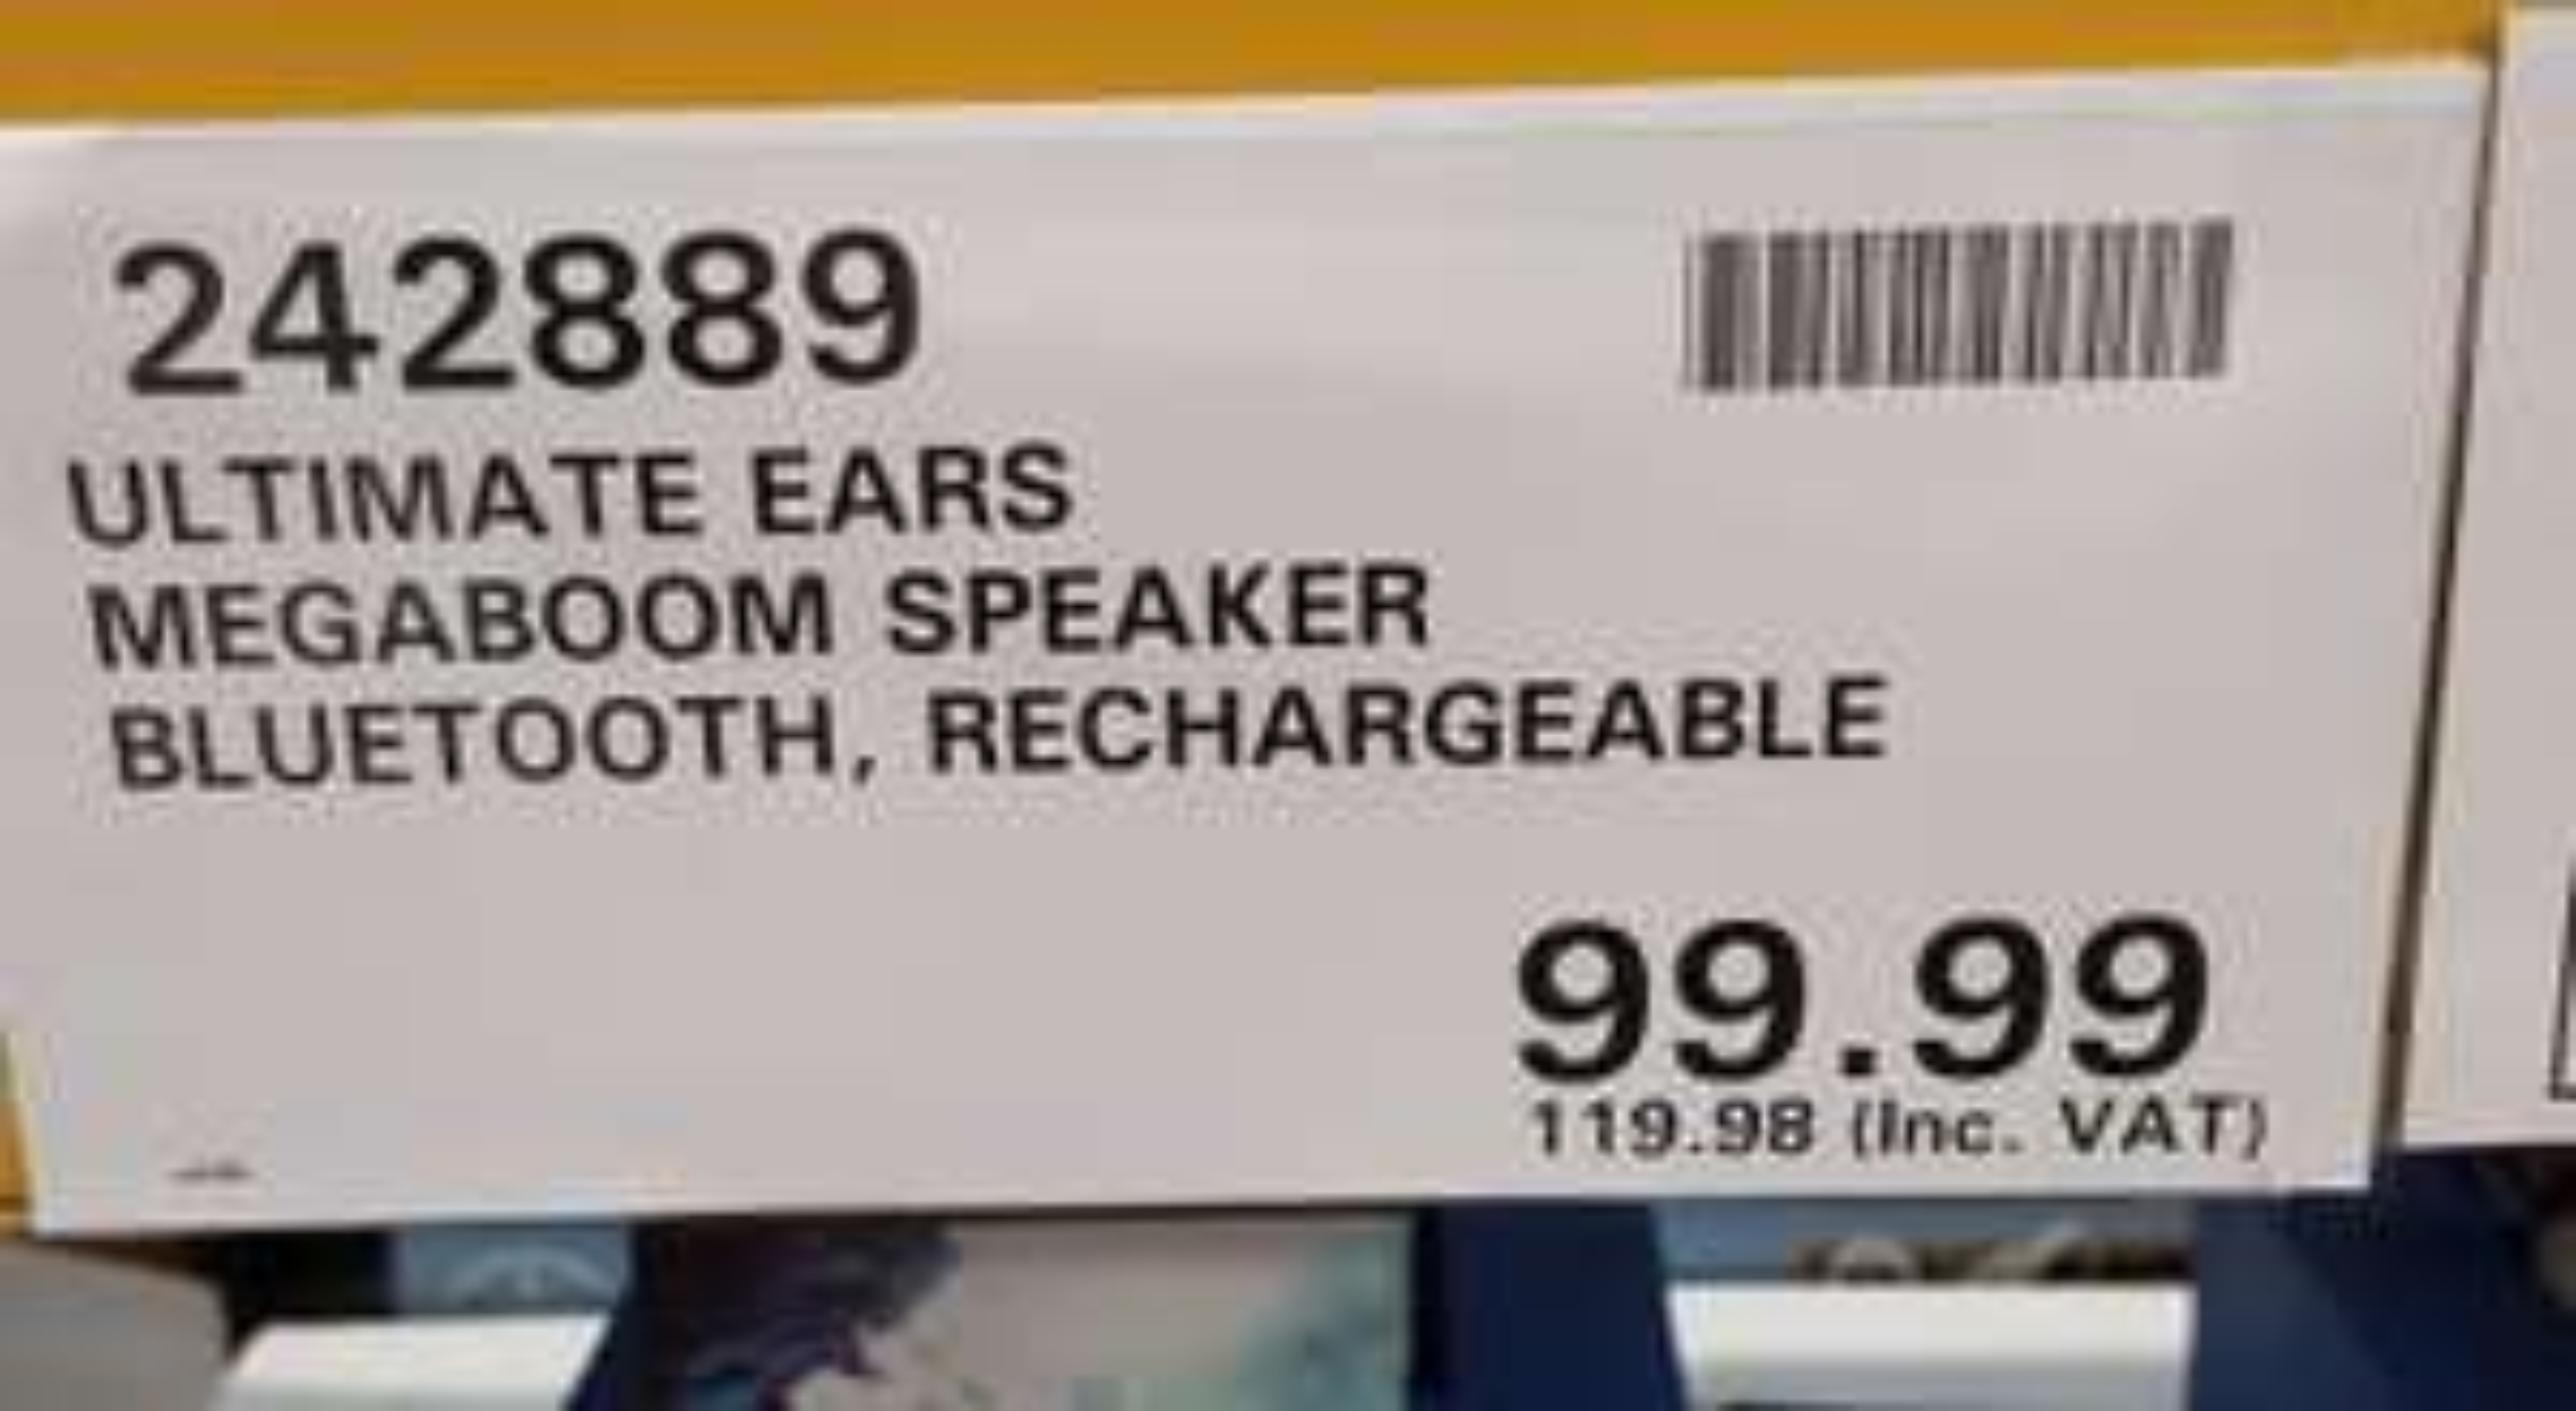 UE Megaboom Bluetooth Speaker £119.98 instore @ Costco Milton Keynes.